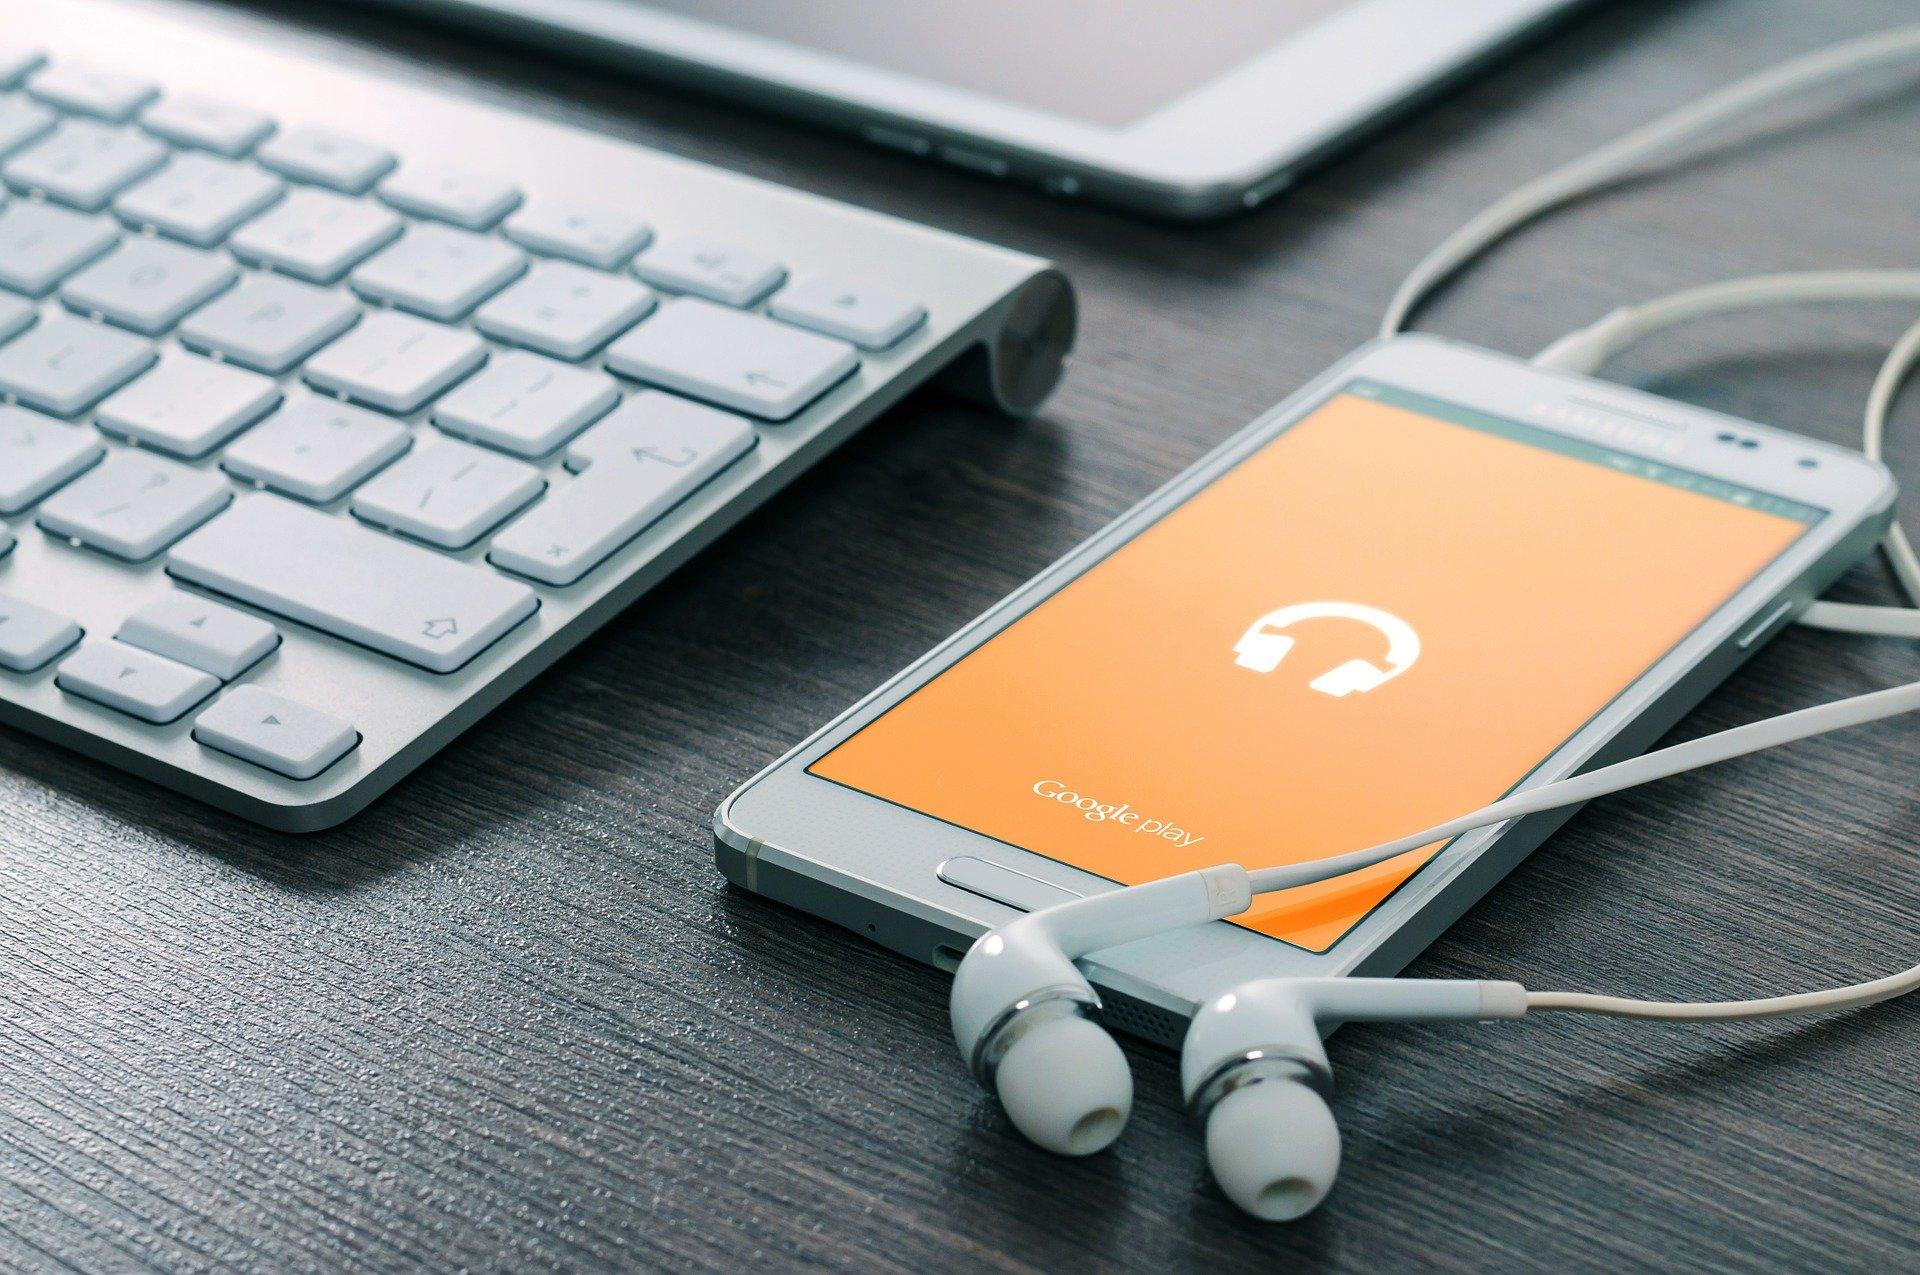 Imagem mostra um celular sobre uma mesa com fone de ouvido conectado.